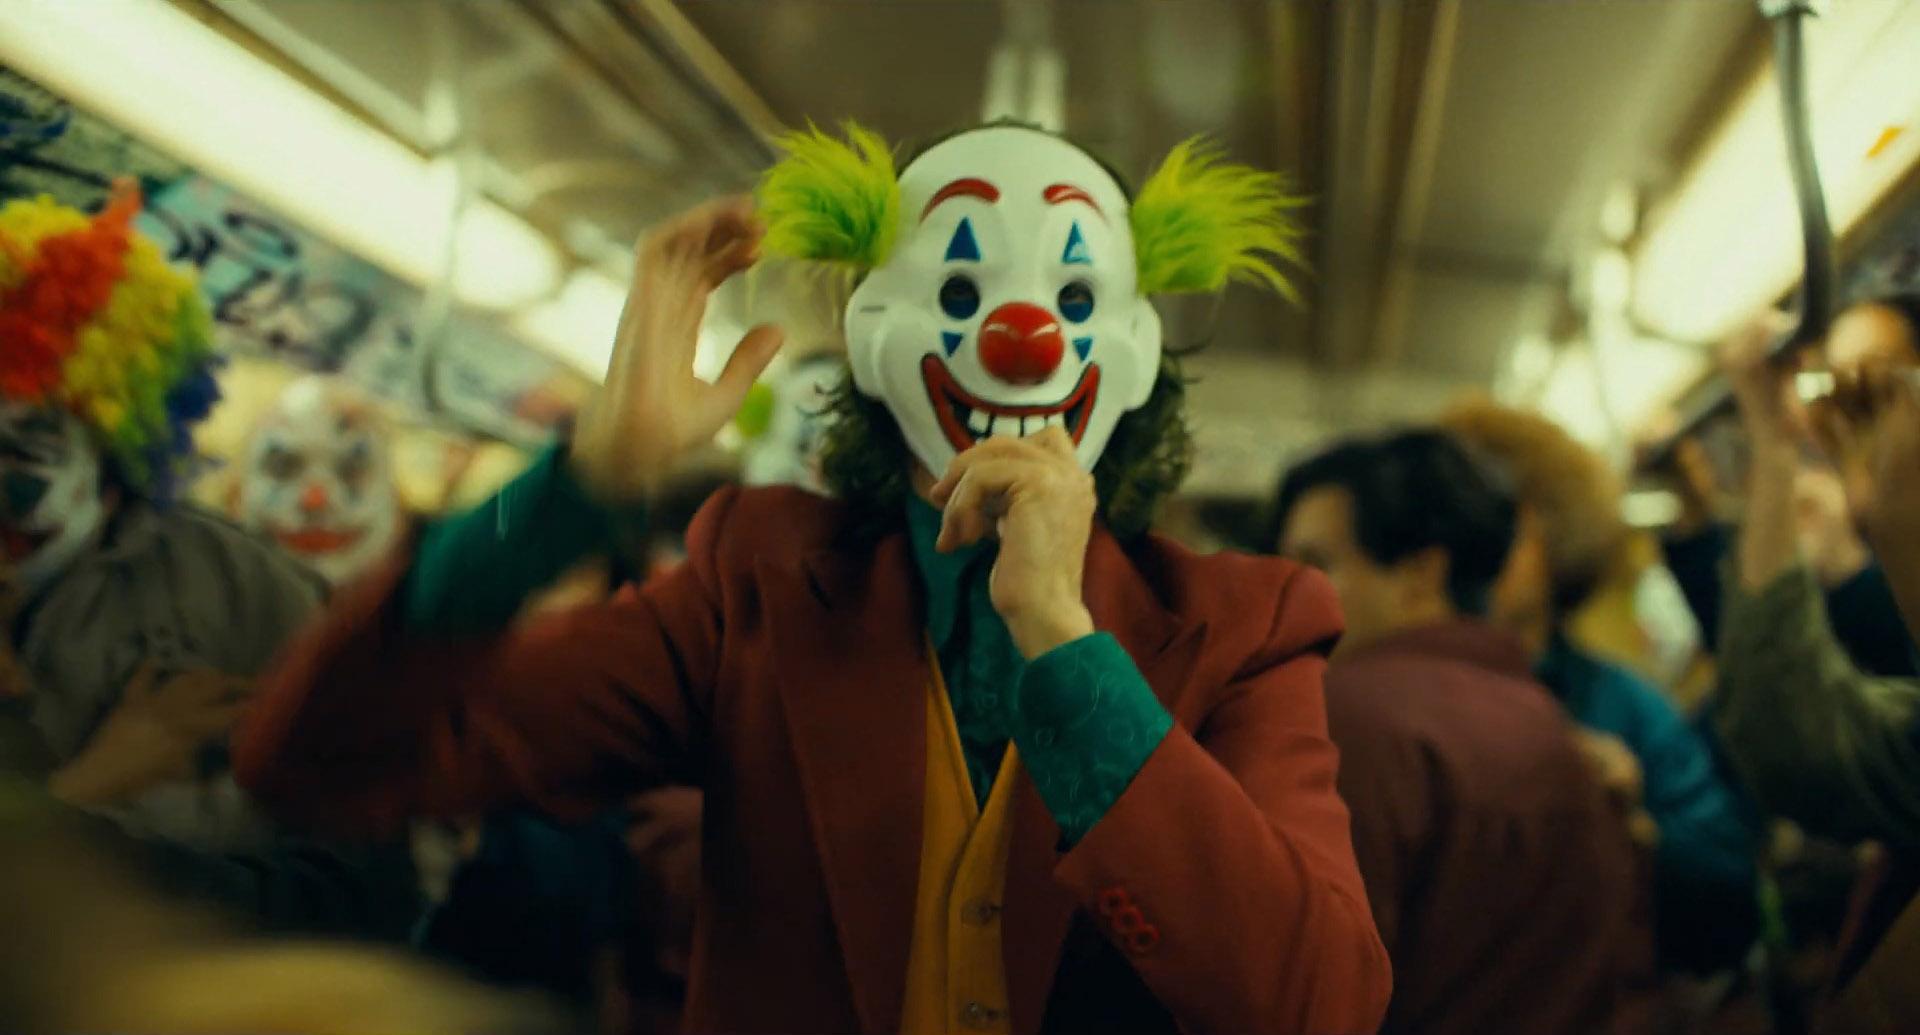 Kết quả hình ảnh cho joker 2019 clowns crowd